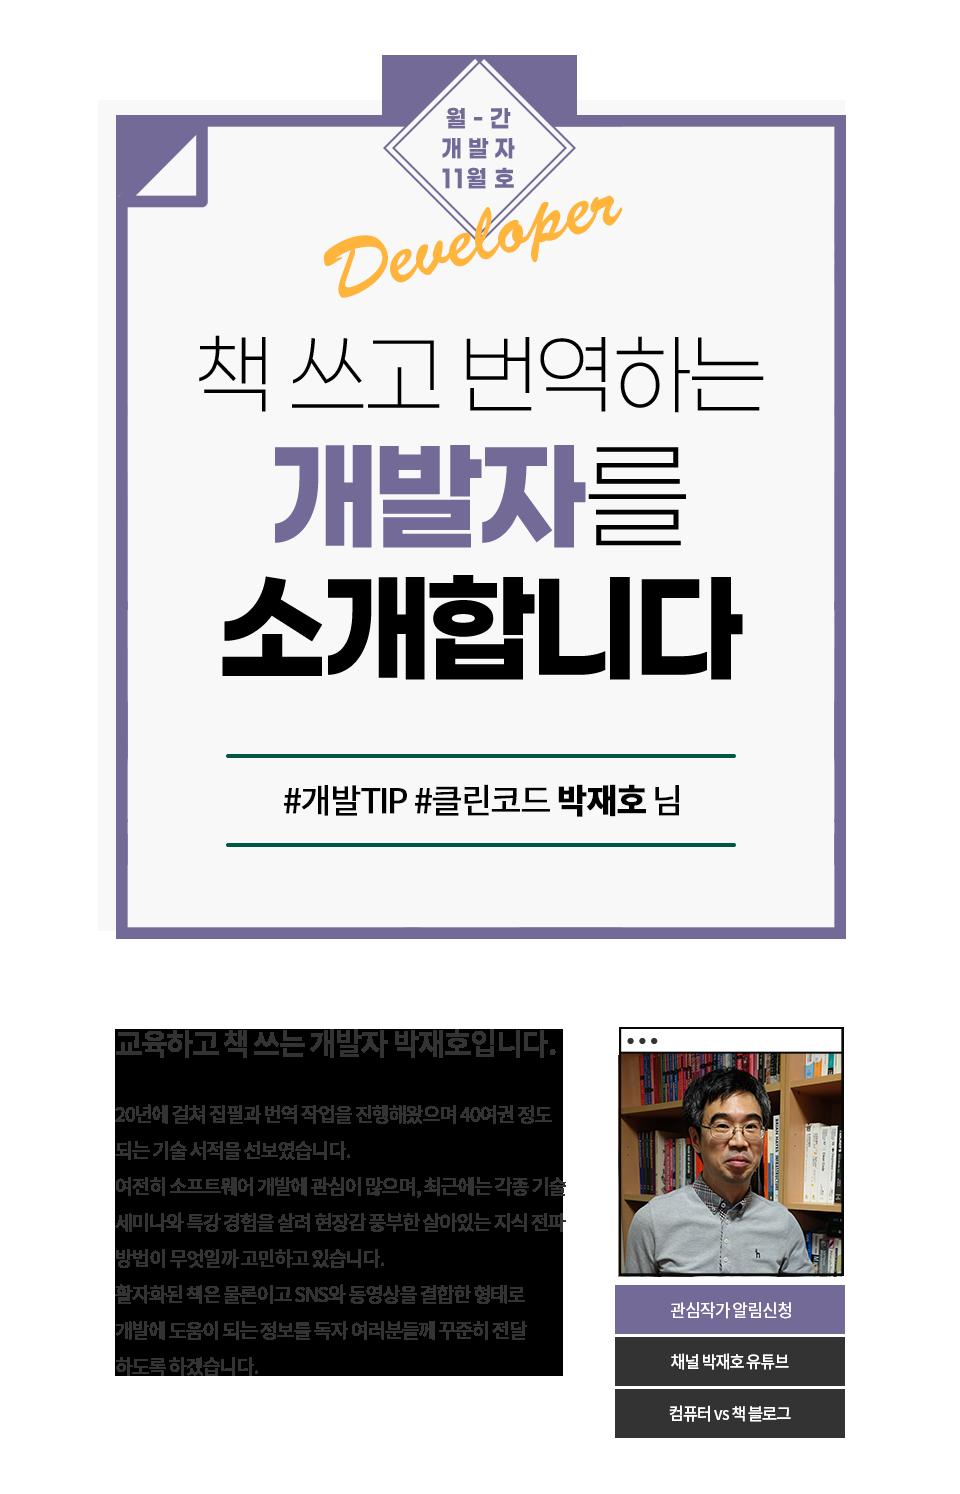 책 쓰고 번역하는 개발자를 소개합니다